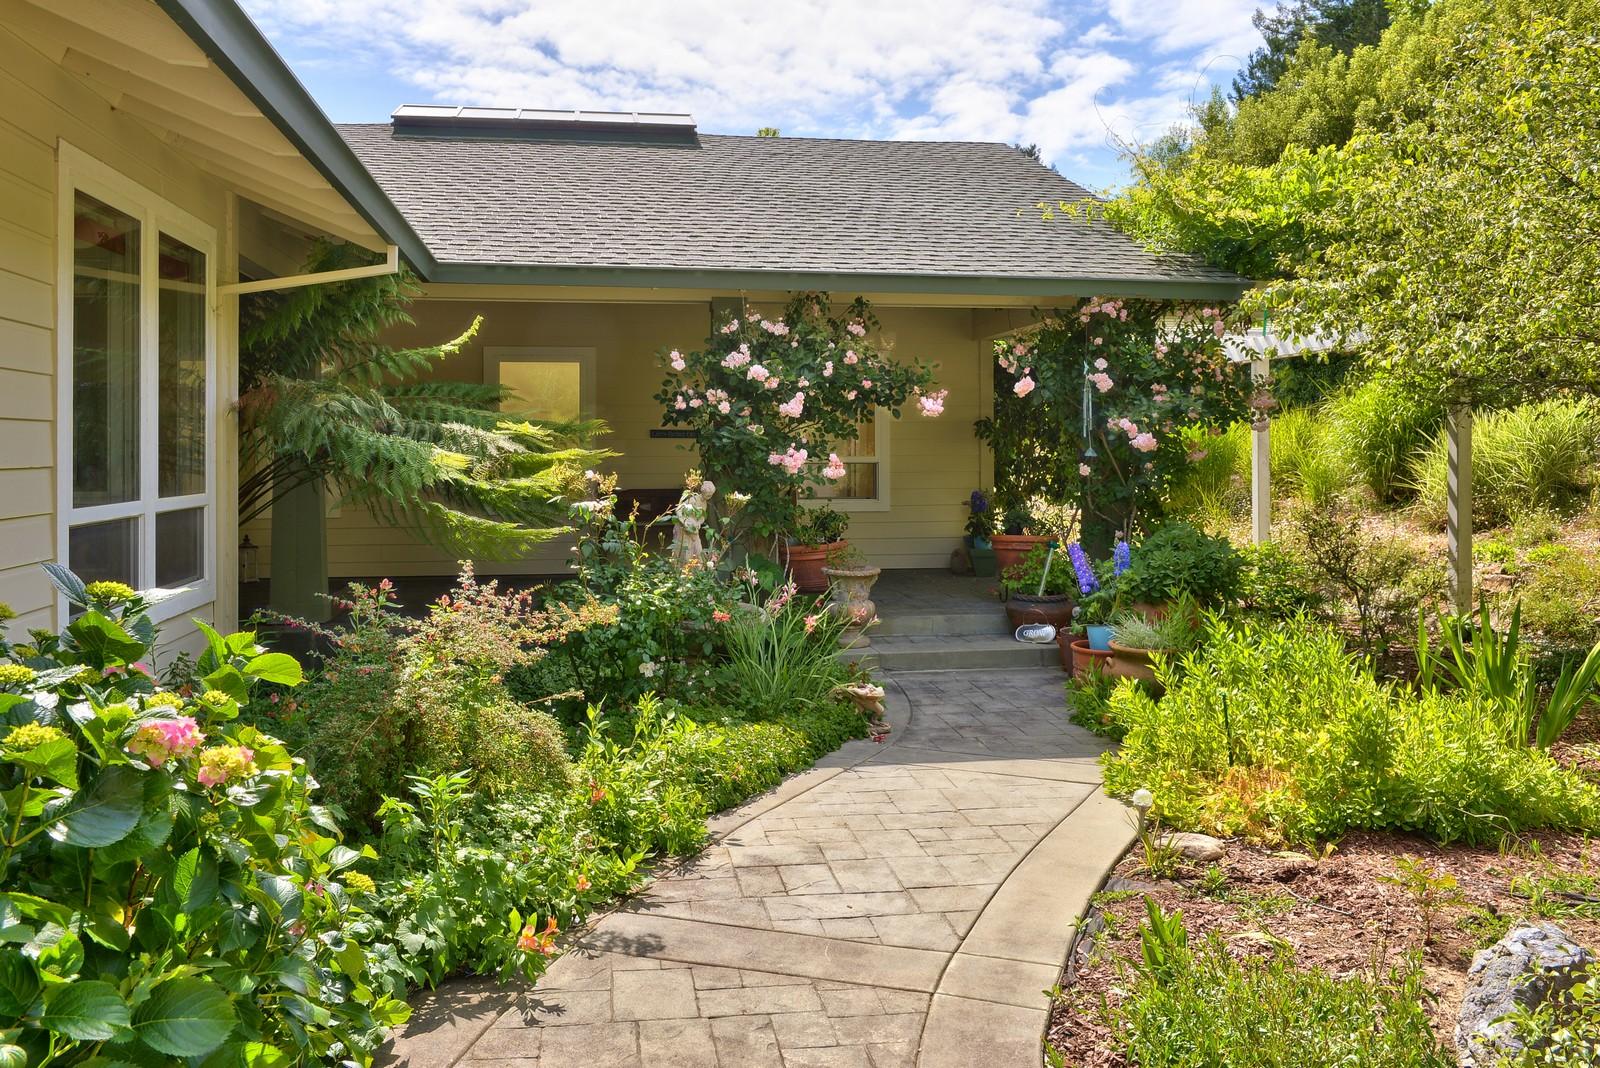 Частный односемейный дом для того Продажа на Gardner's Delight 3750 Deer Meadow Lane Occidental, Калифорния 95465 Соединенные Штаты